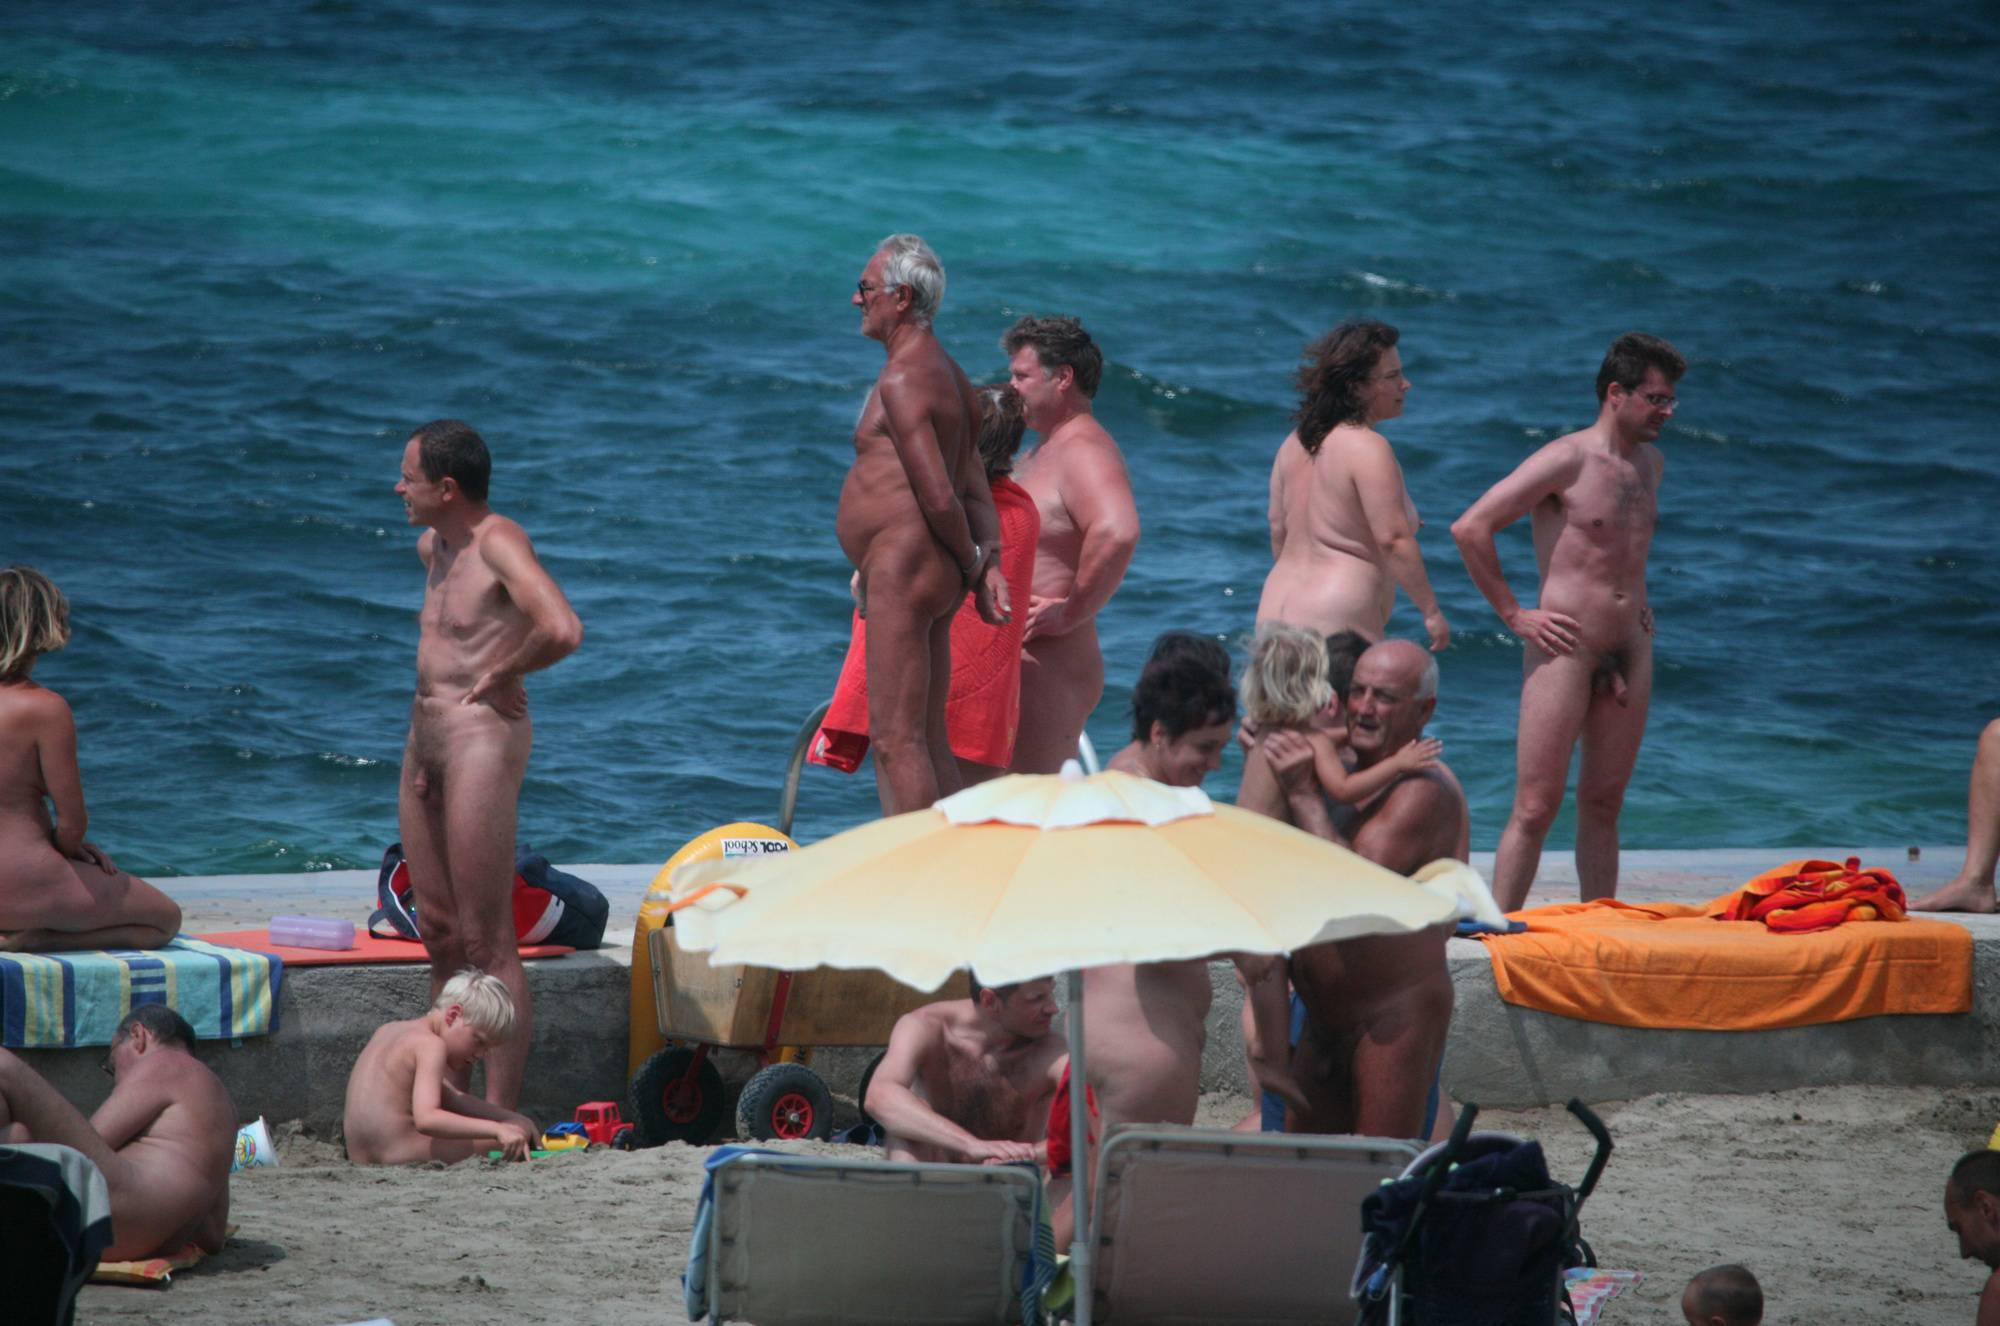 Pier Sand Square Bathers - 4